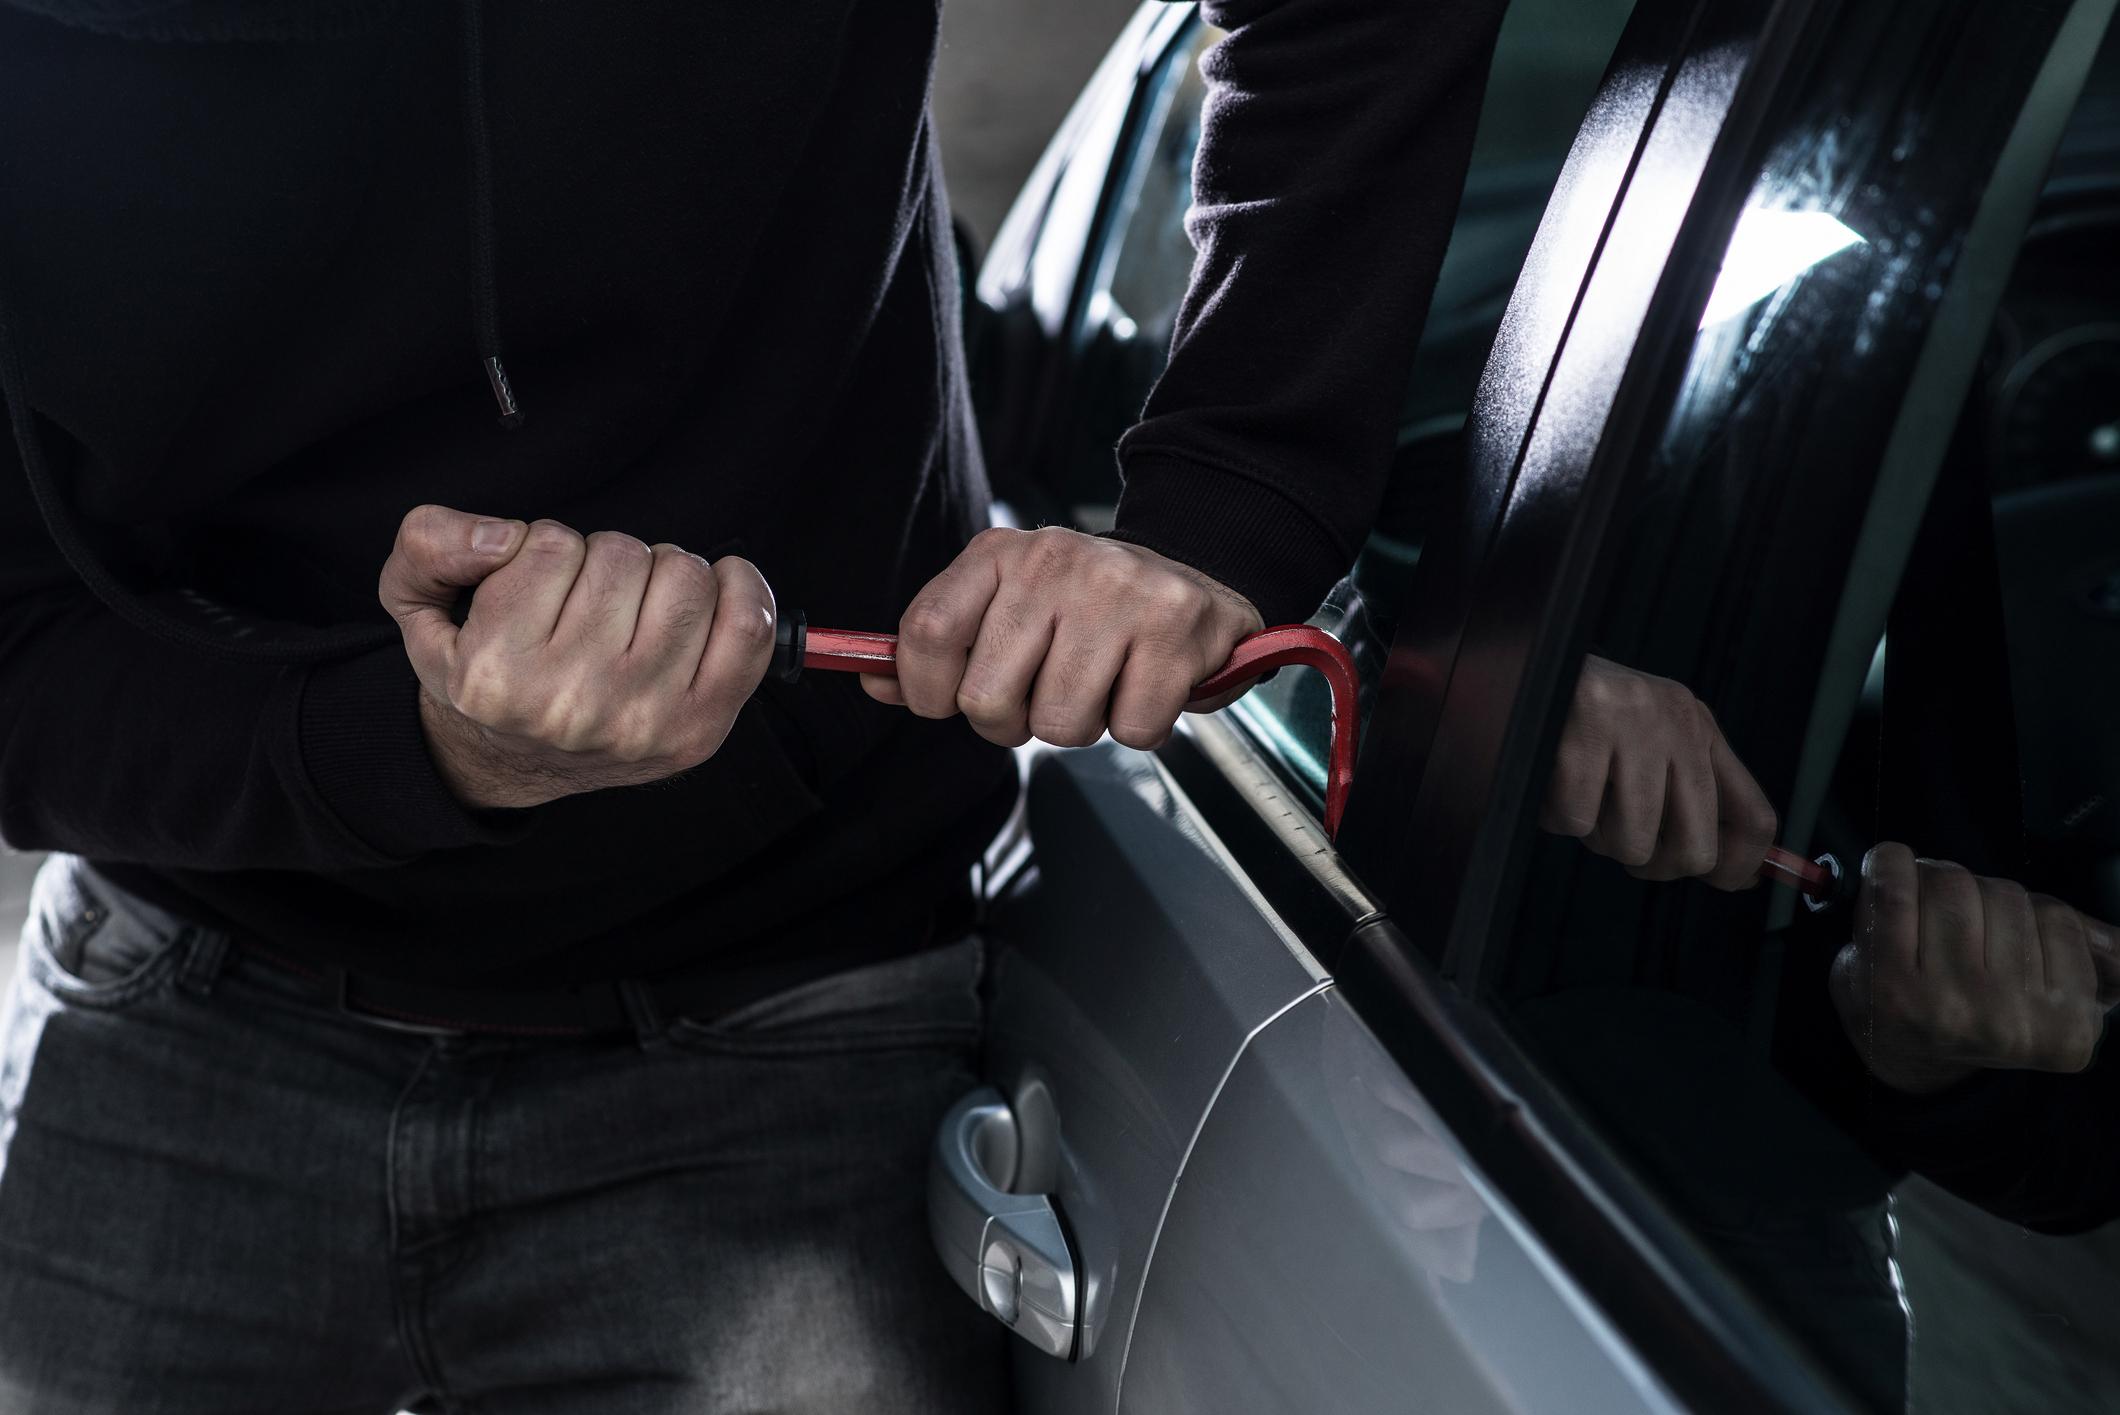 De janeiro a outubro de 2017, mais de 460 mil carros foram roubados ou furtados no brasil